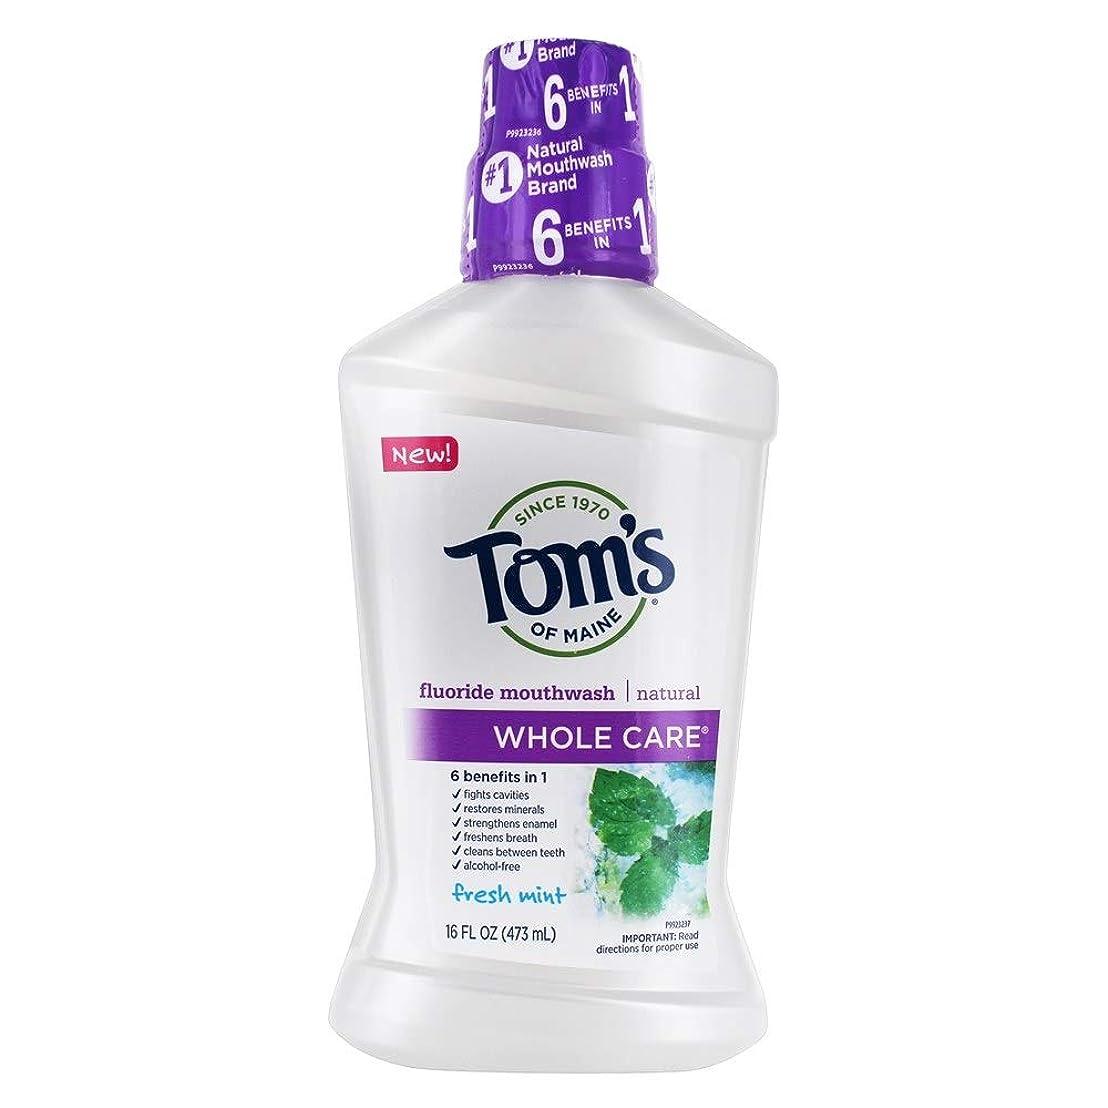 服を洗うデータムビスケットTom's 全体のケアフッ化物洗口液、フレッシュミント、16液量オンス